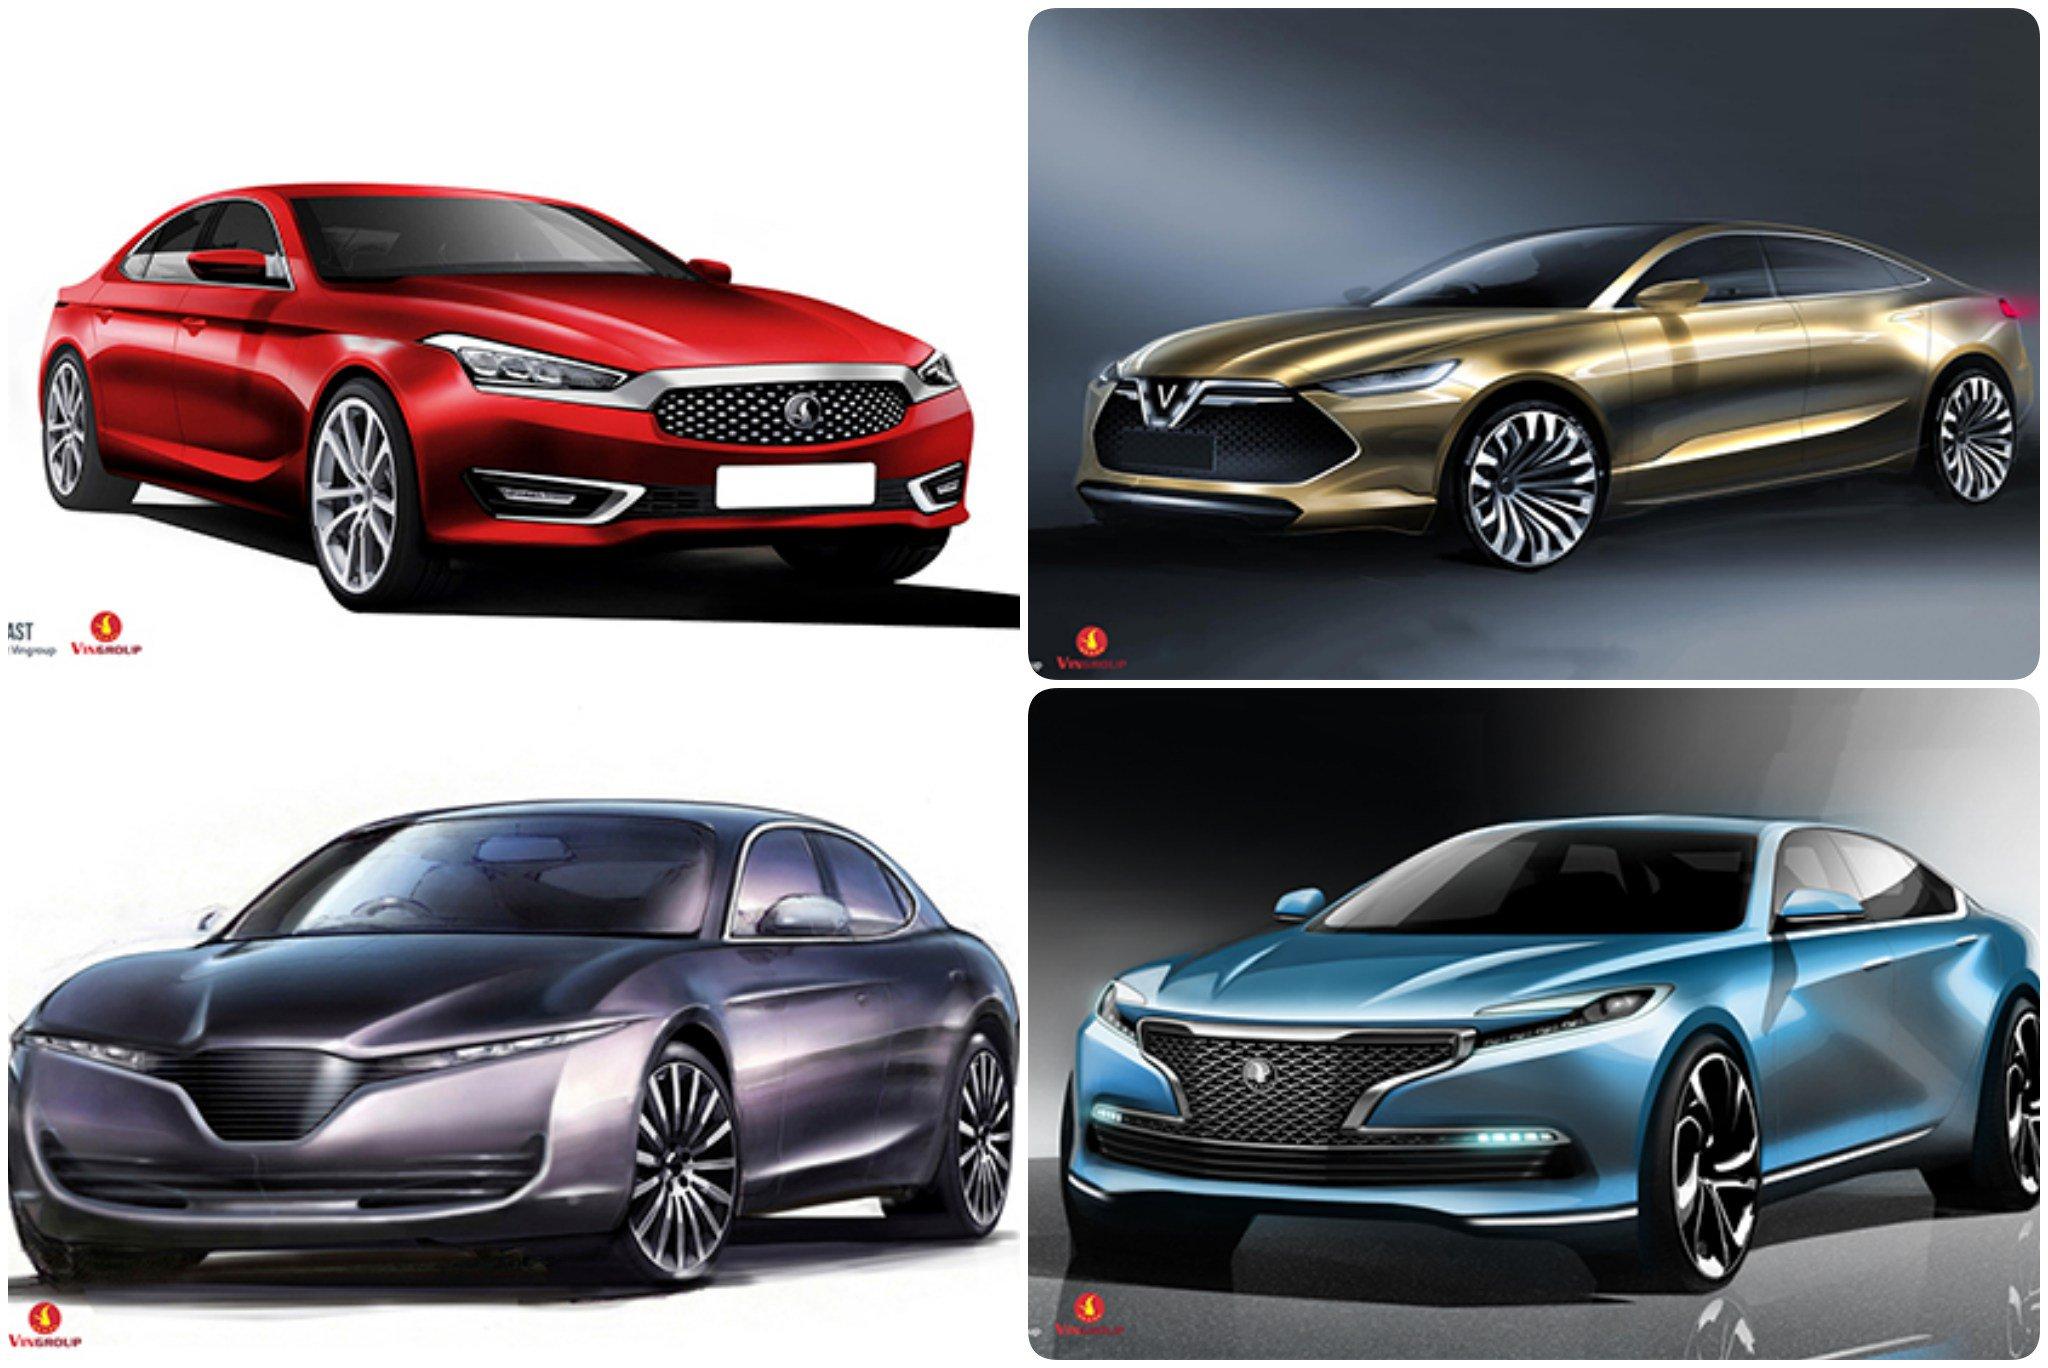 Các mẫu xe hơi thương hiệu Vinfast của tỷ phú Việt nam, Phạm Nhật Vượng. Nguồn internet.